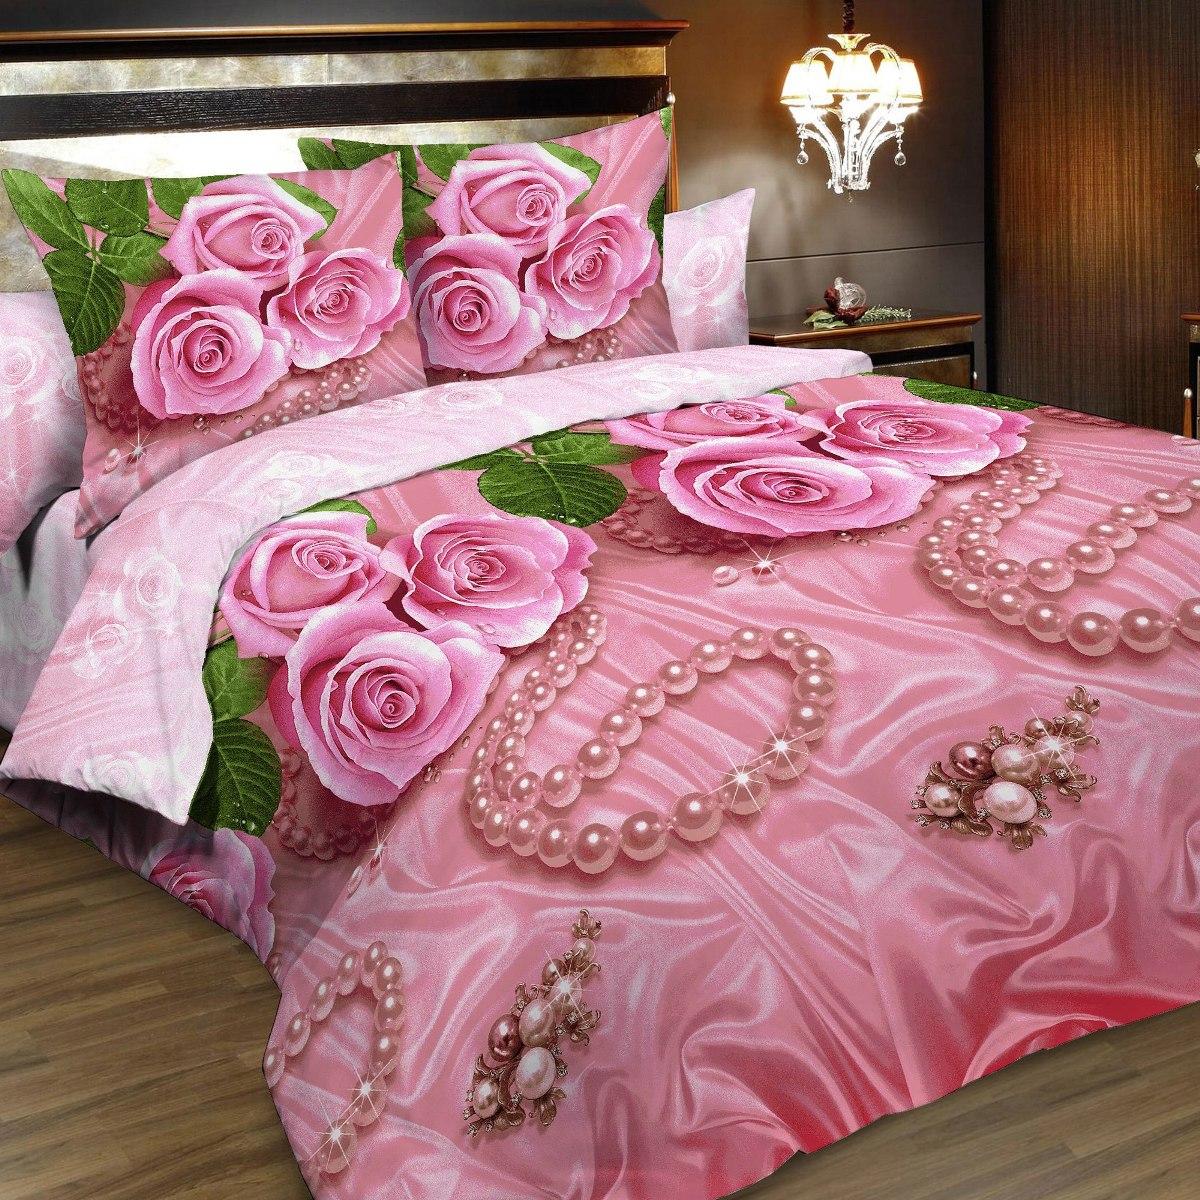 Комплект белья Letto, 2-спальный, наволочки 70х70. B161-4CA-3505Комплект постельного белья Letto выполнен из классической российской бязи (хлопка). Комплект состоит из пододеяльника, простыни и двух наволочек.Постельное белье, оформленное ярким цветочным 3D изображением, имеет изысканный внешний вид. Пододеяльник снабжен молнией.Благодаря такому комплекту постельного белья вы сможете создать атмосферу роскоши и романтики в вашей спальне. Уважаемые клиенты! Обращаем ваше внимание на тот факт, что расцветка наволочек может отличаться от представленной на фото.